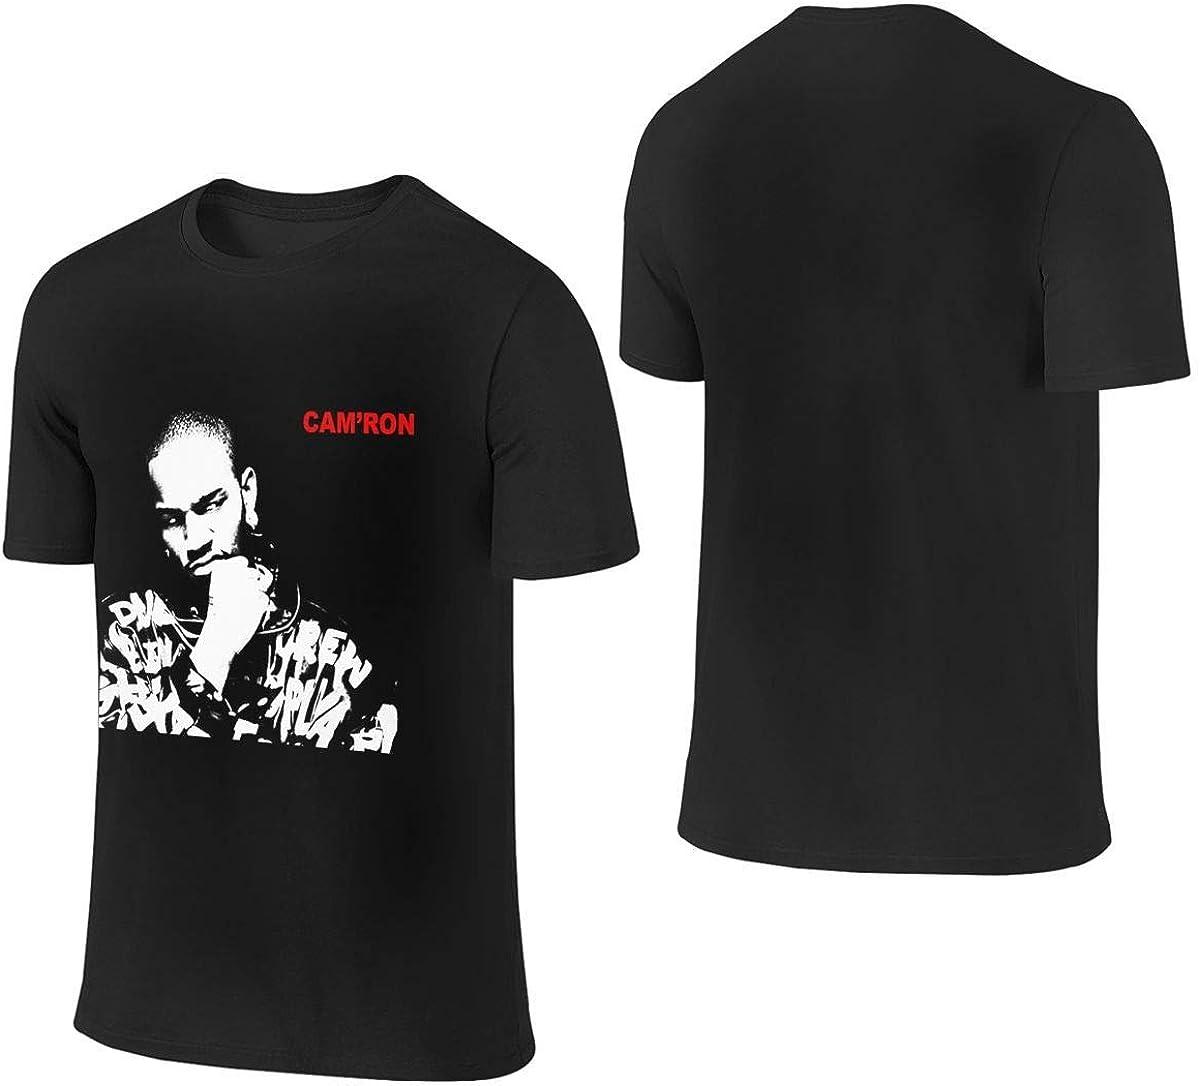 Tengyuntong UiikIIDl Camisetas y Tops Hombre Polos y Camisas ...